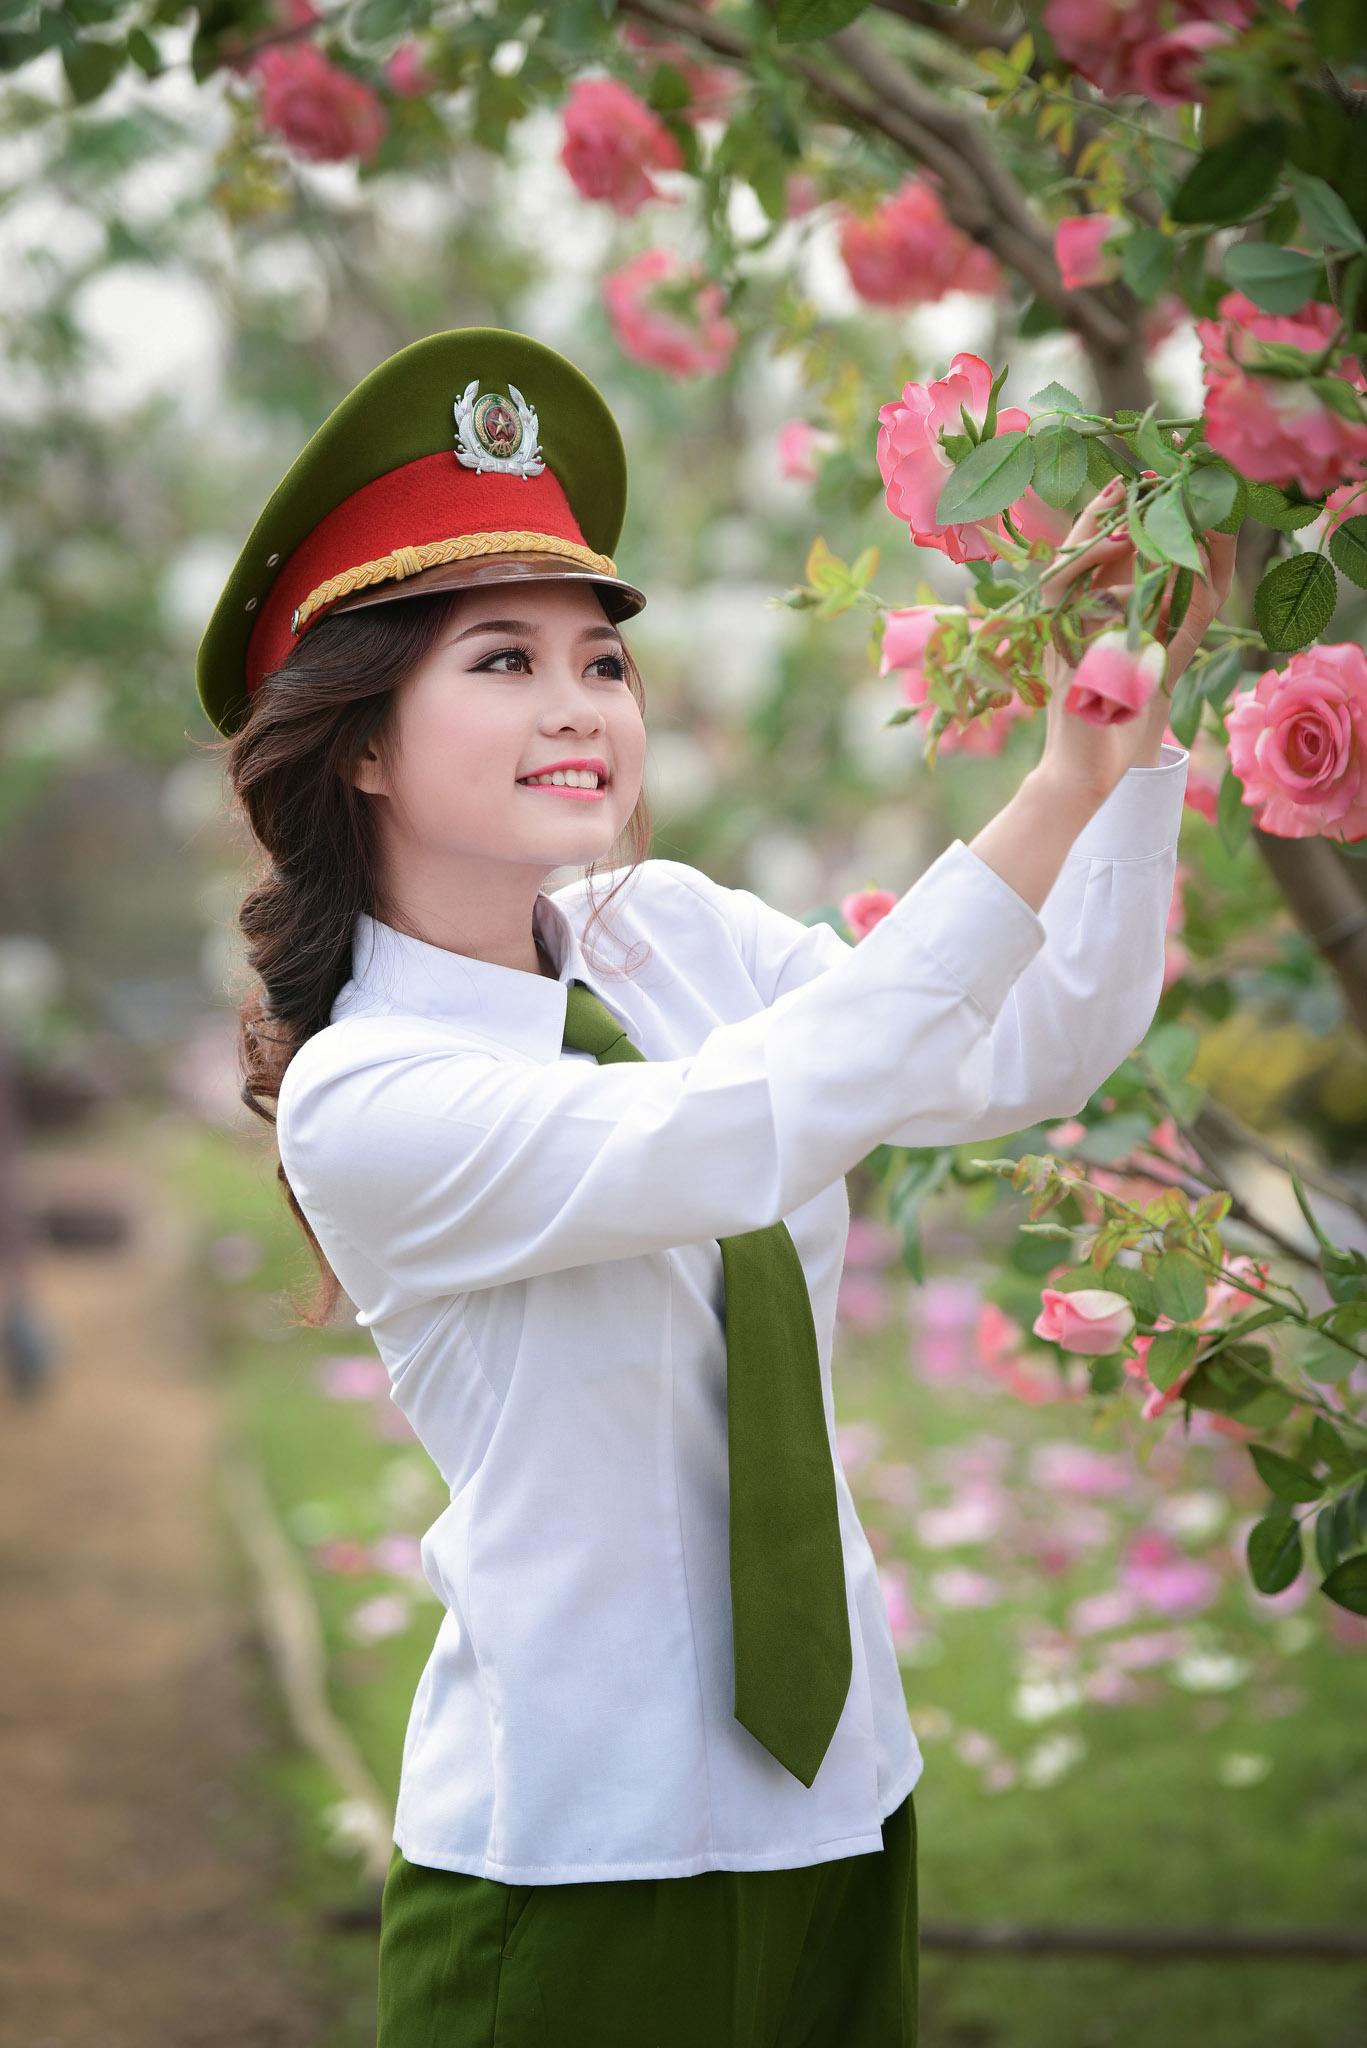 漂亮的越南美女 - 1505147909 - 太阳的博客